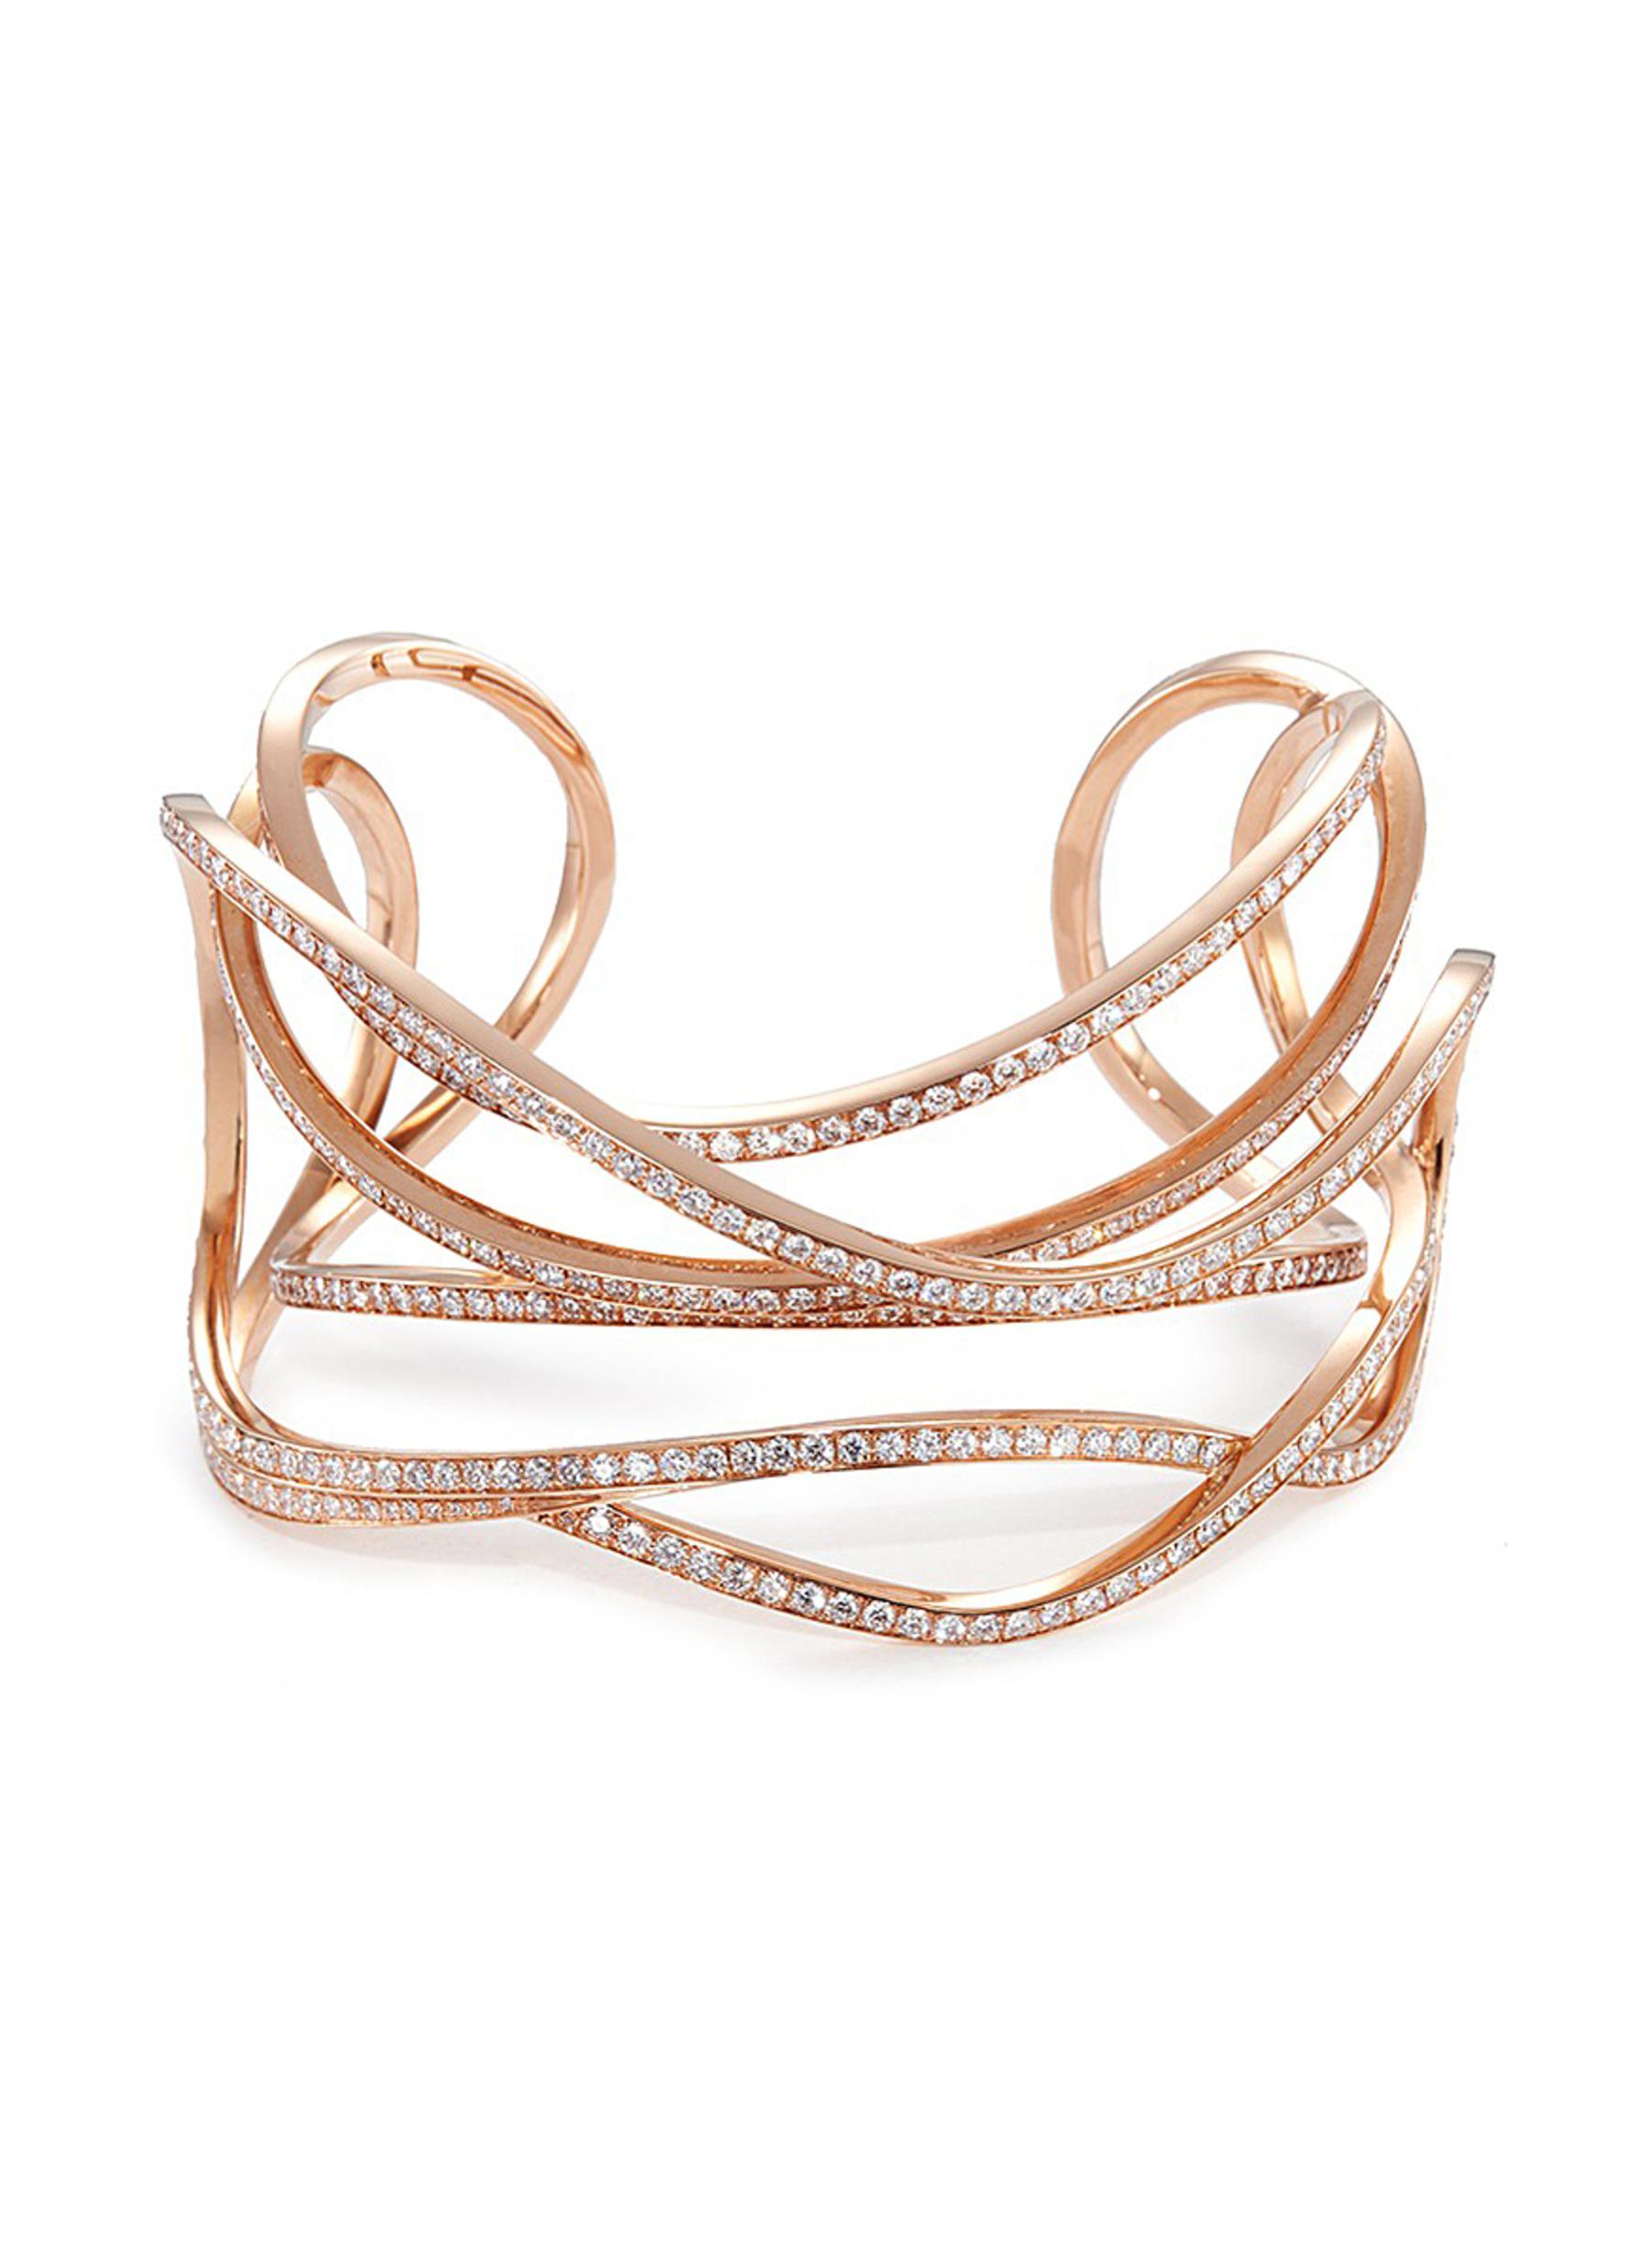 'Serpentine' diamond 18k rose gold cuff